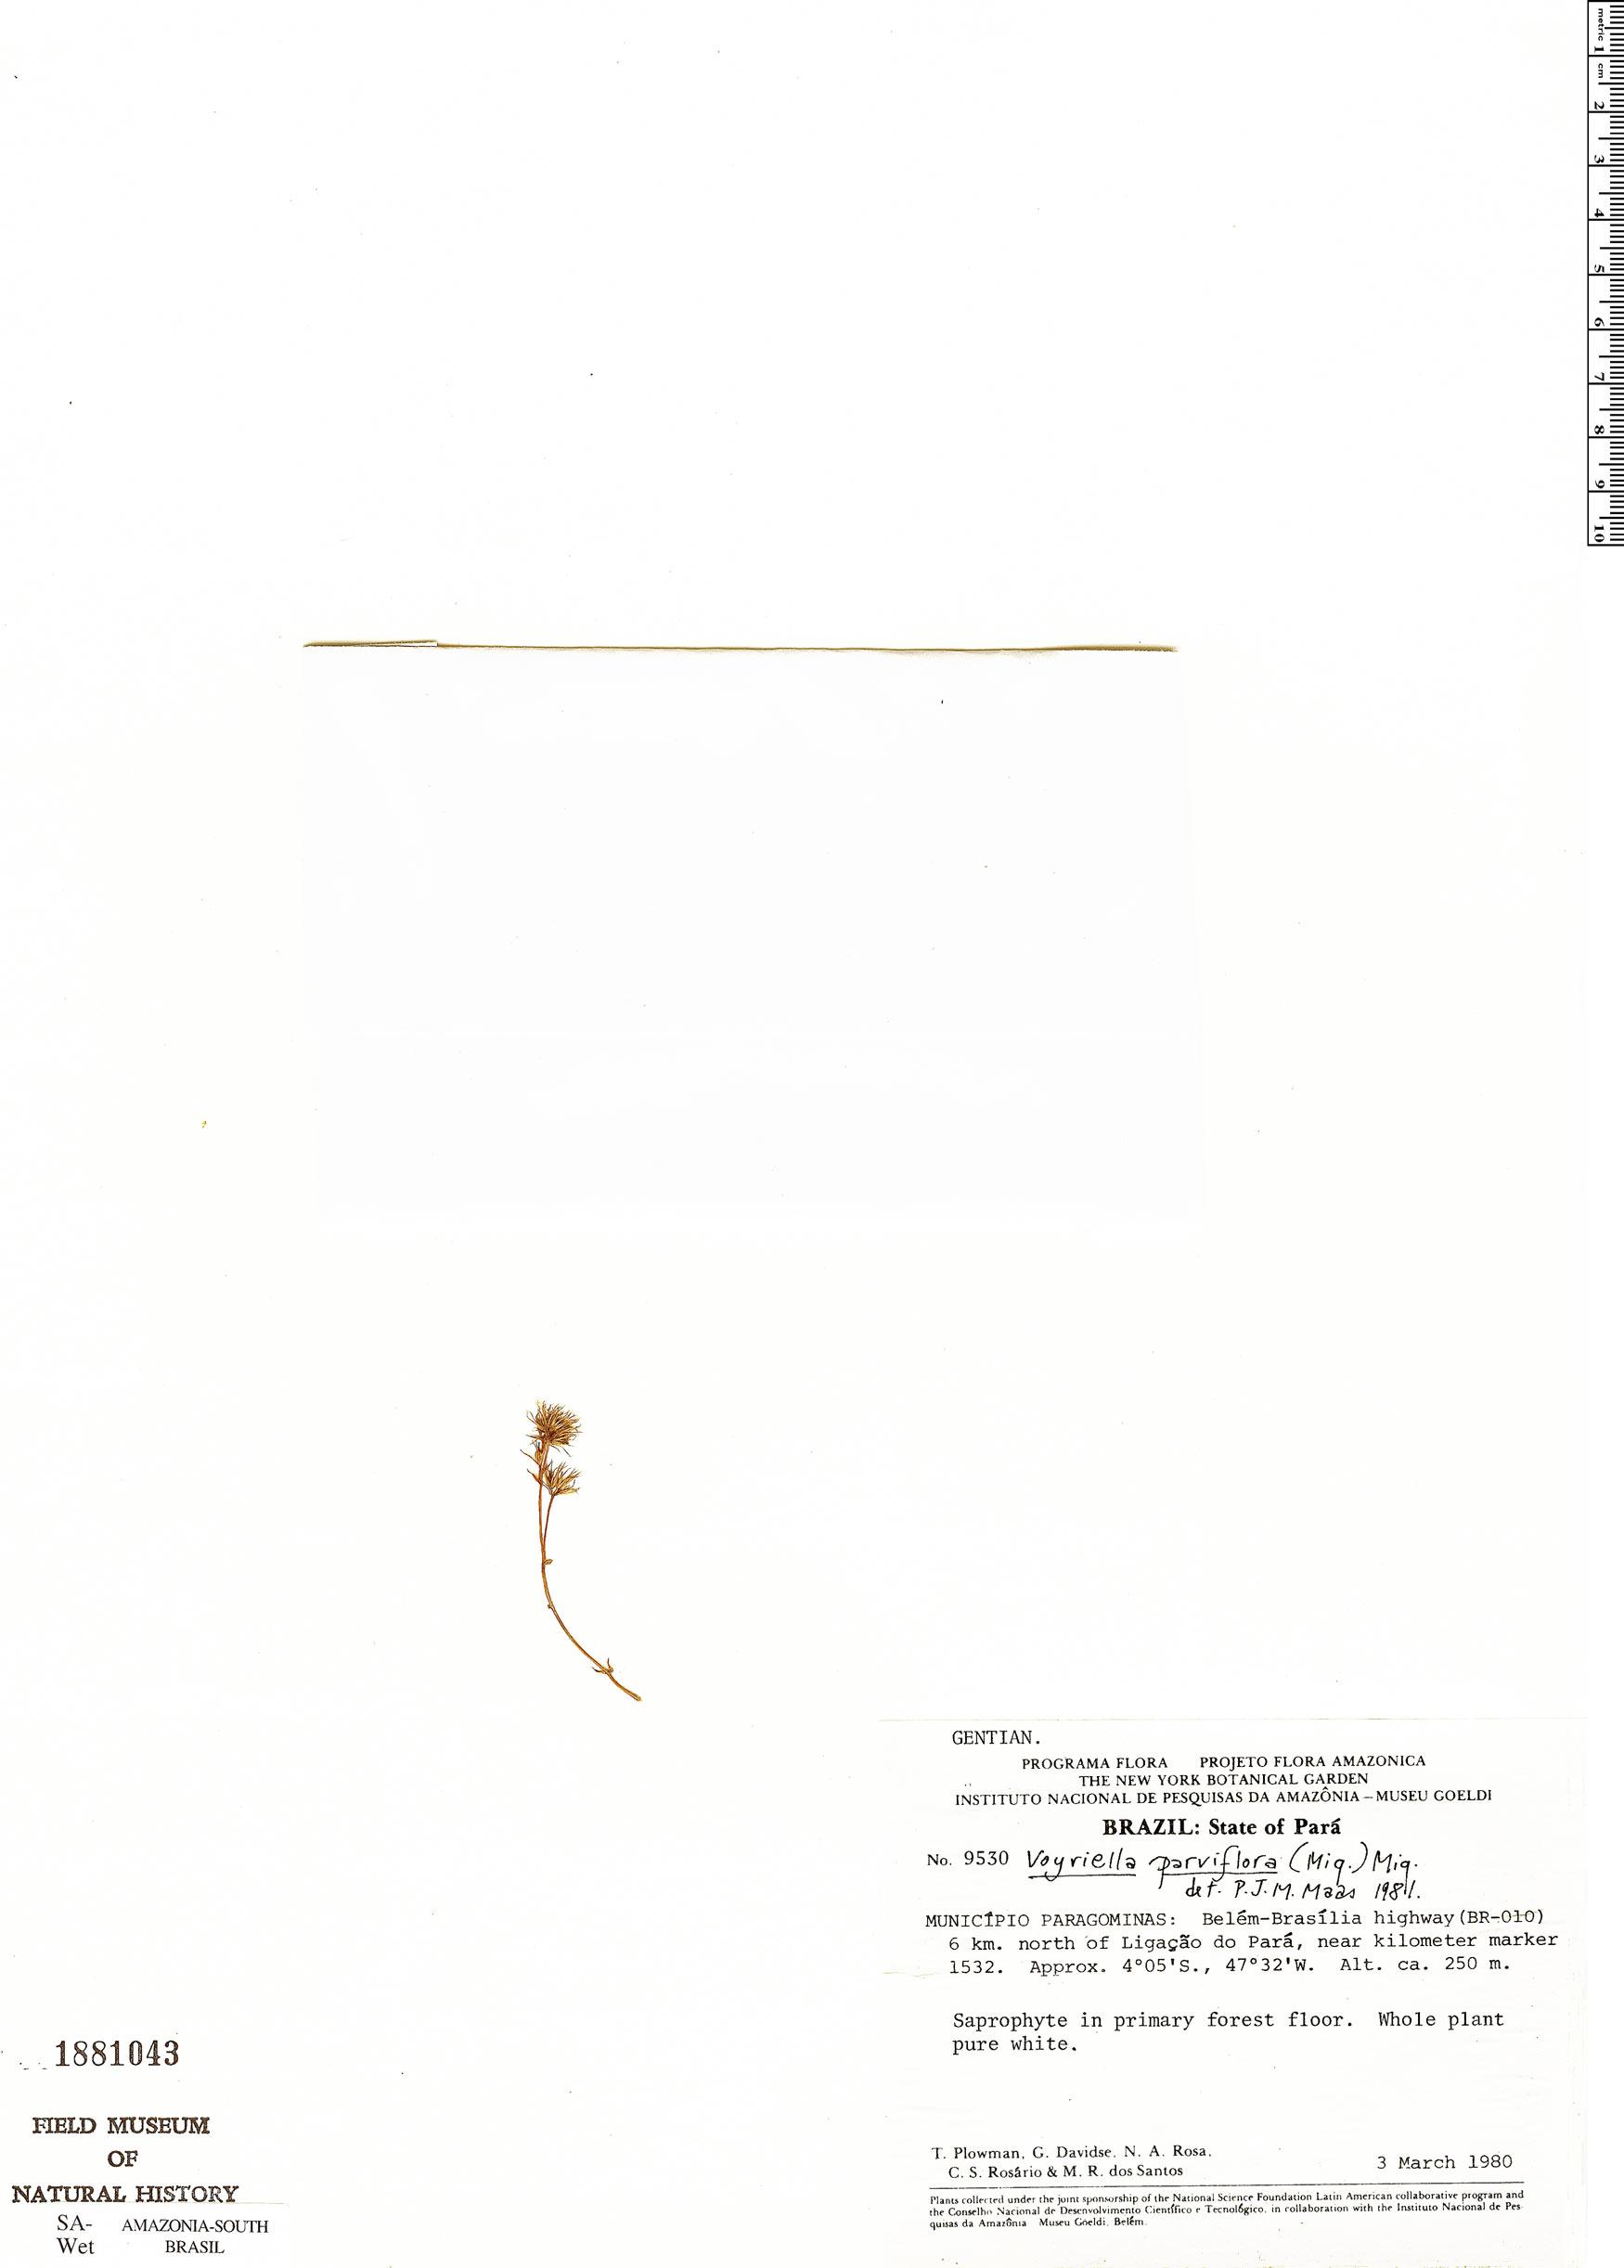 Specimen: Voyriella parviflora